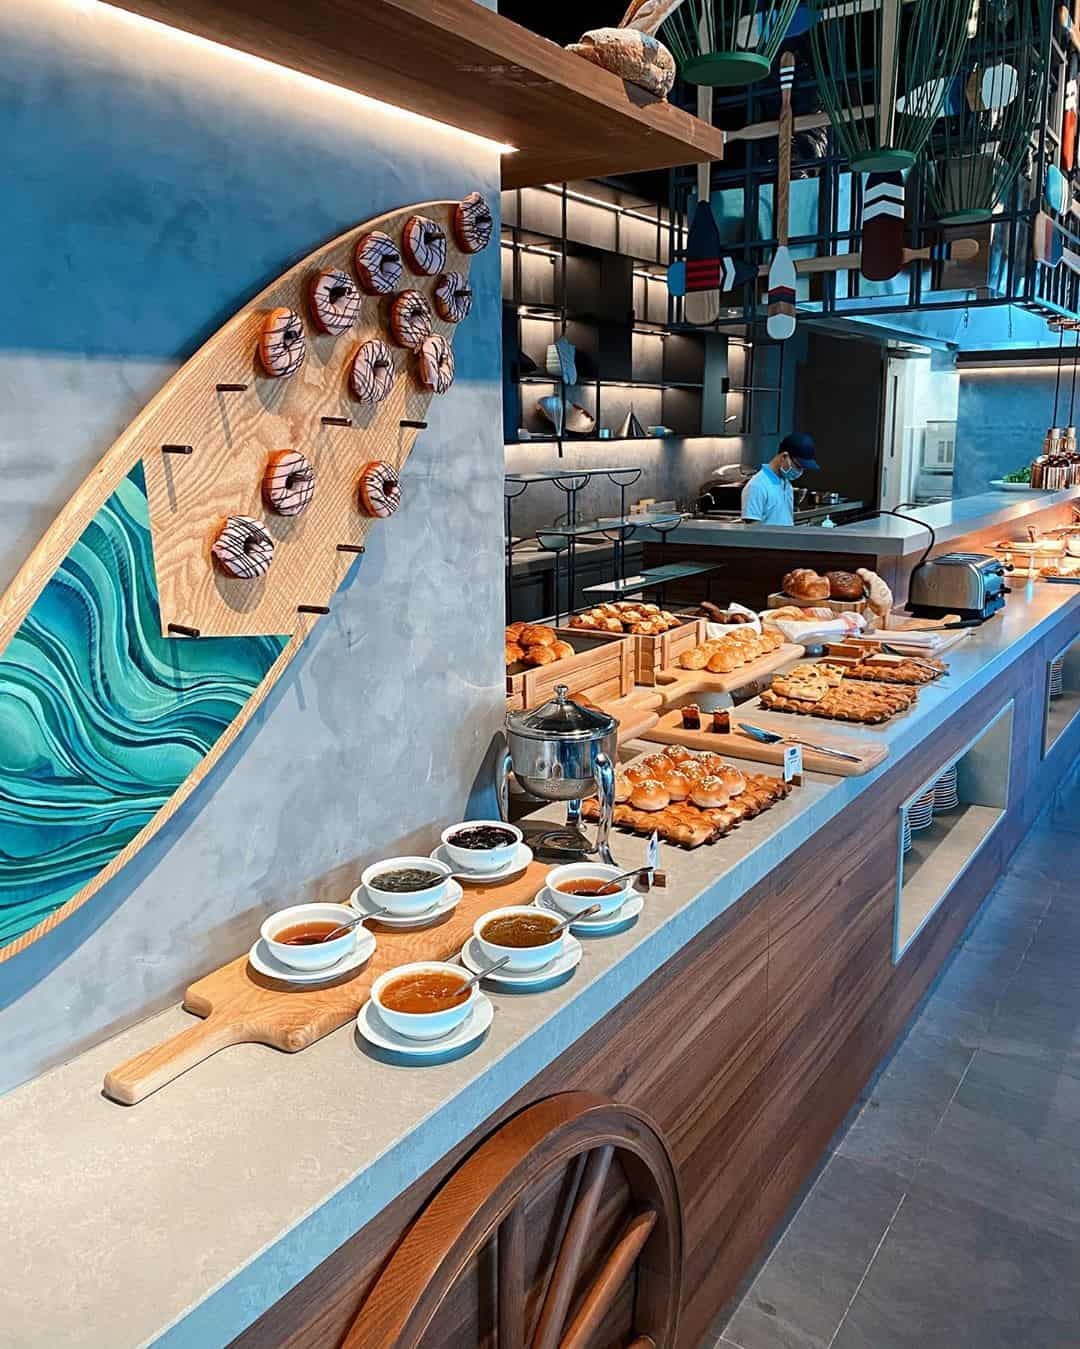 Nhà hàng phục vụ cả a-la-carte và buffet. Hình: @nhupimm2411